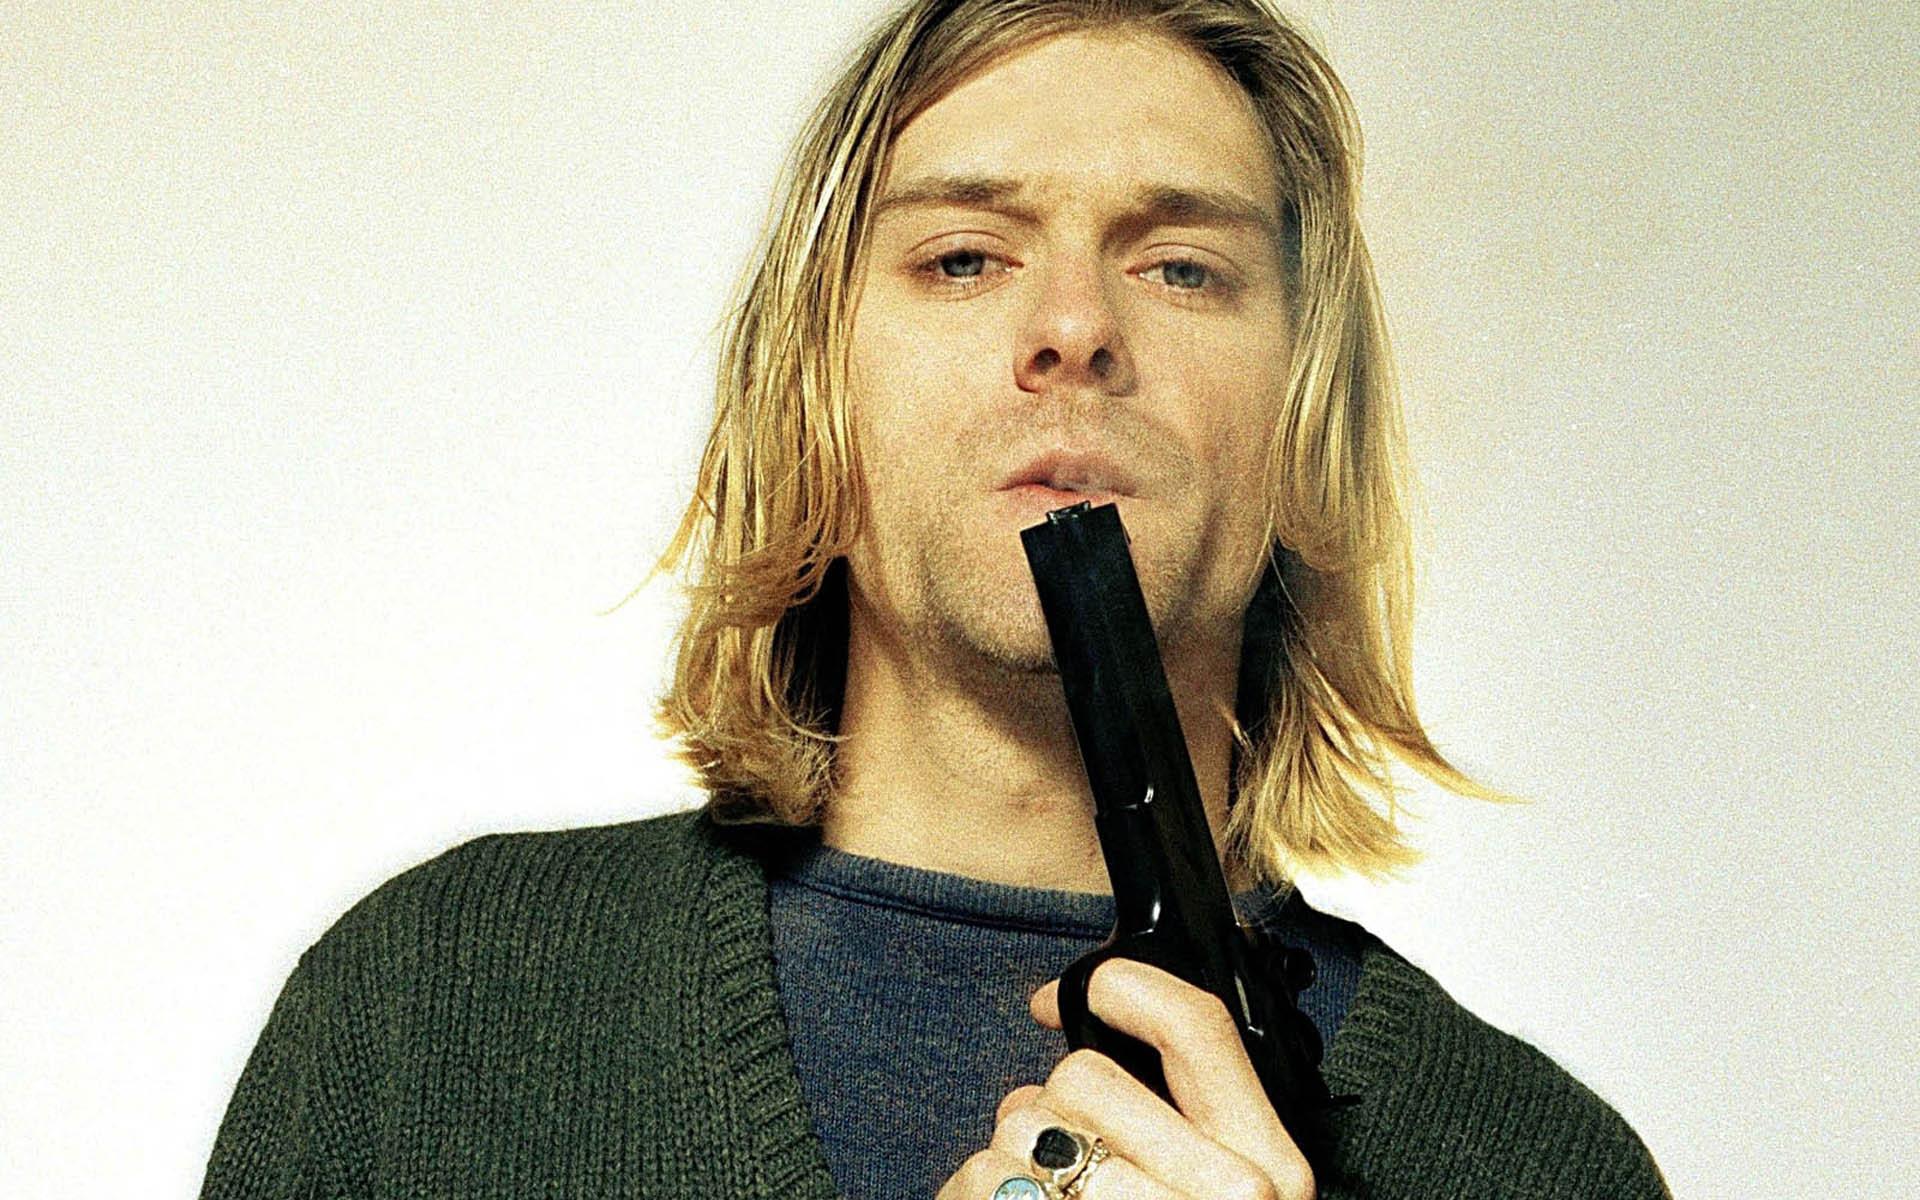 Pictures Of Kurt Cobain